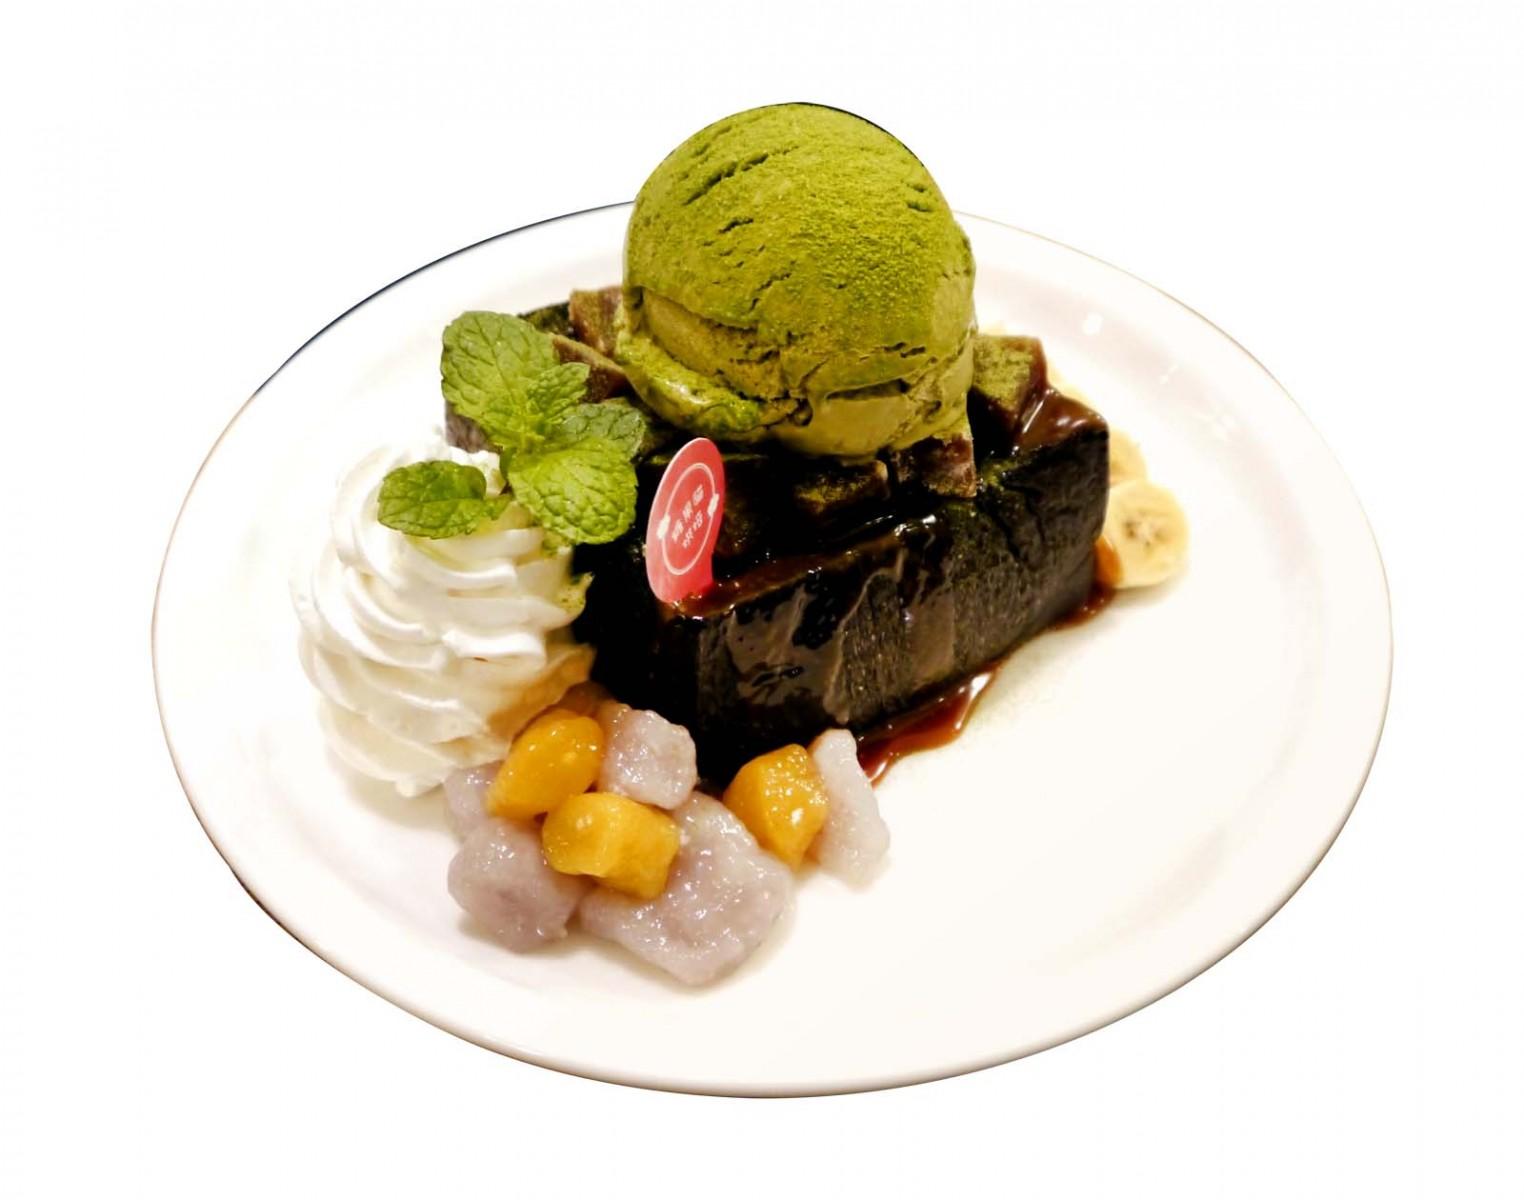 妃黛美式海鮮餐廳新菜色 爆漿吐司甜點吸睛